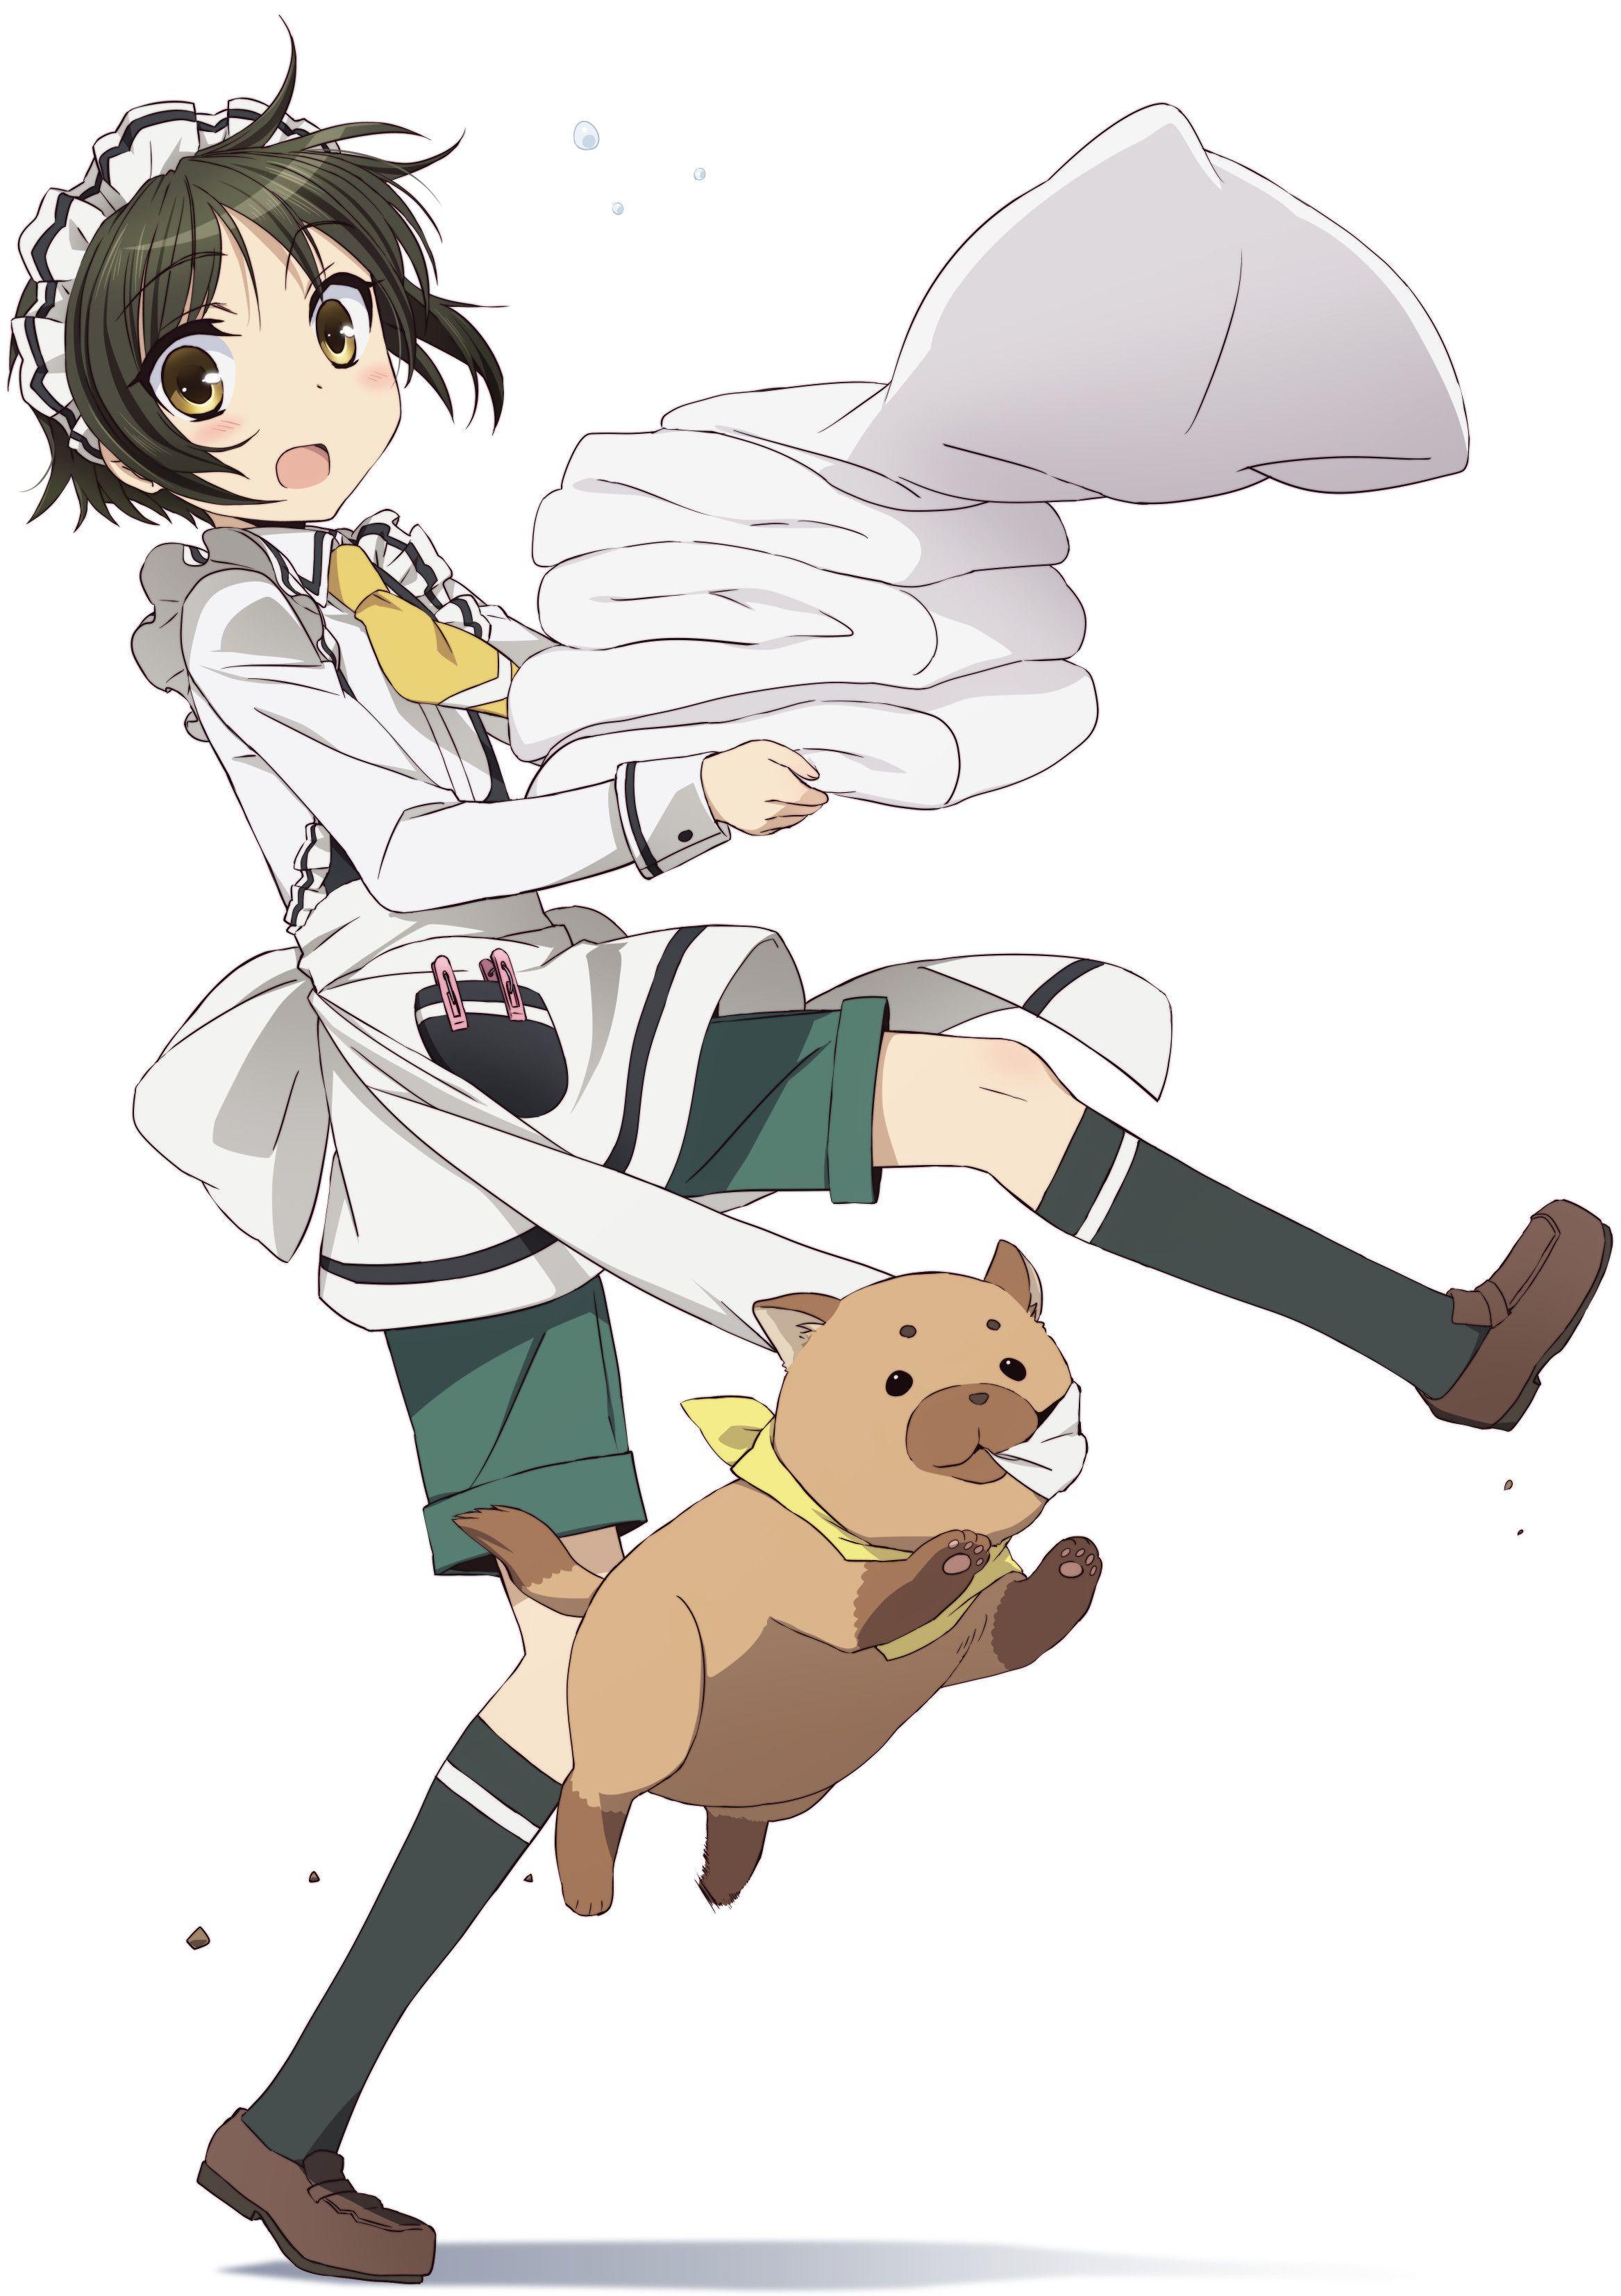 boymaidgal_2.jpg (2335×3307) Anime, Anime shows, Best